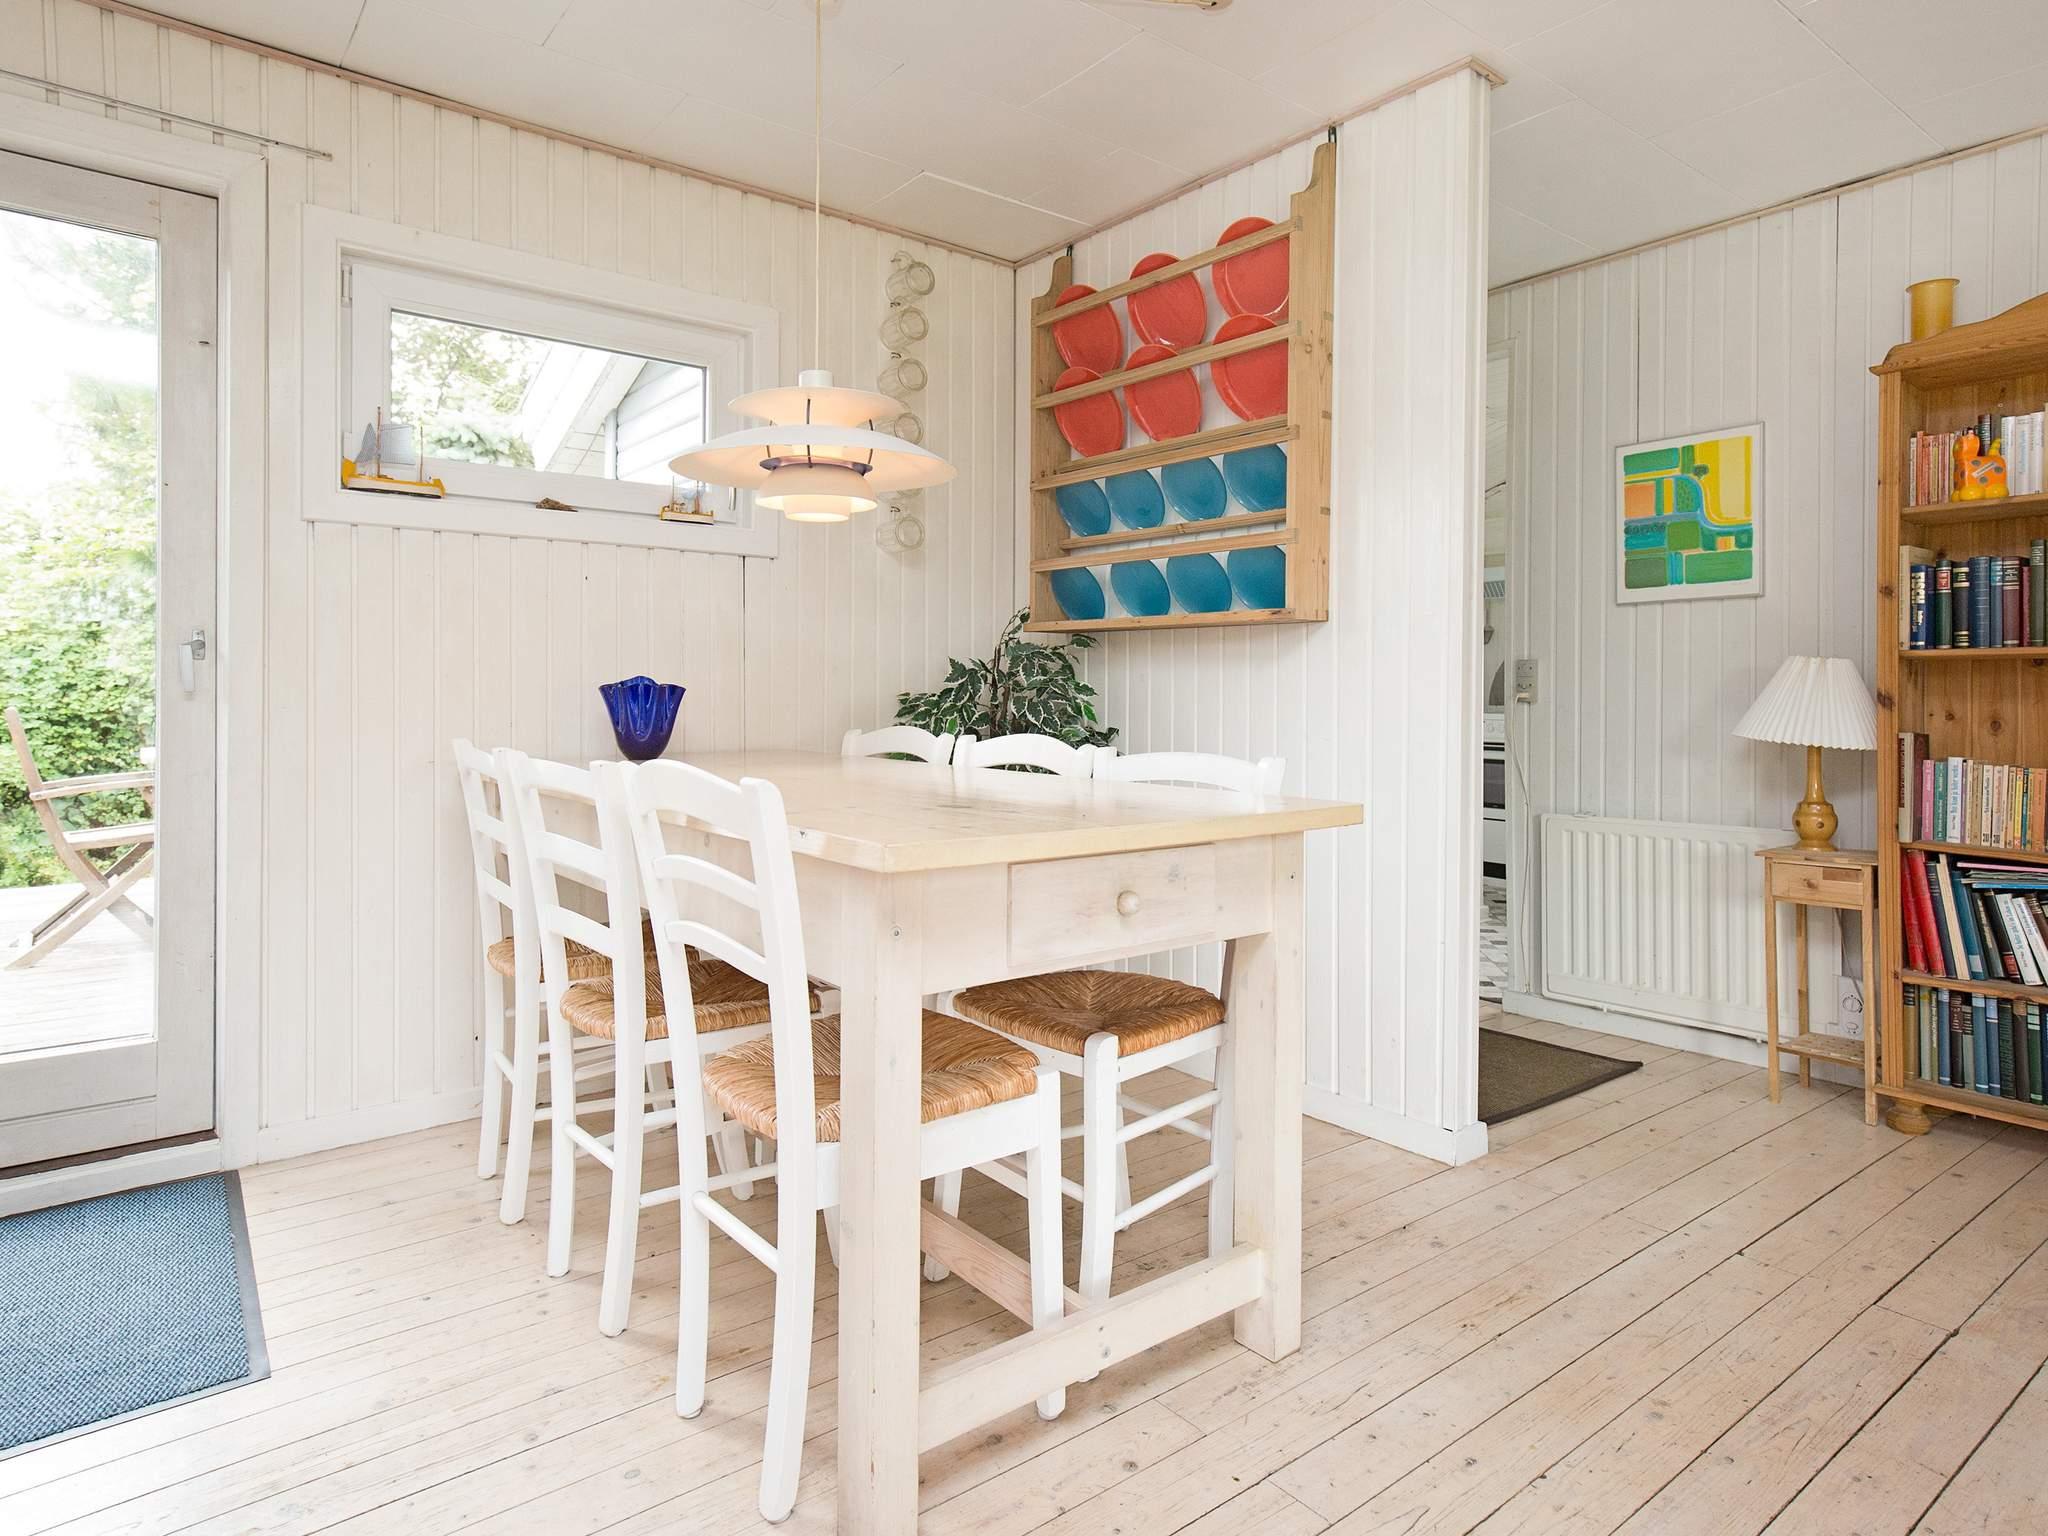 Ferienhaus Enø (85461), Karrebæksminde, , Südseeland, Dänemark, Bild 8